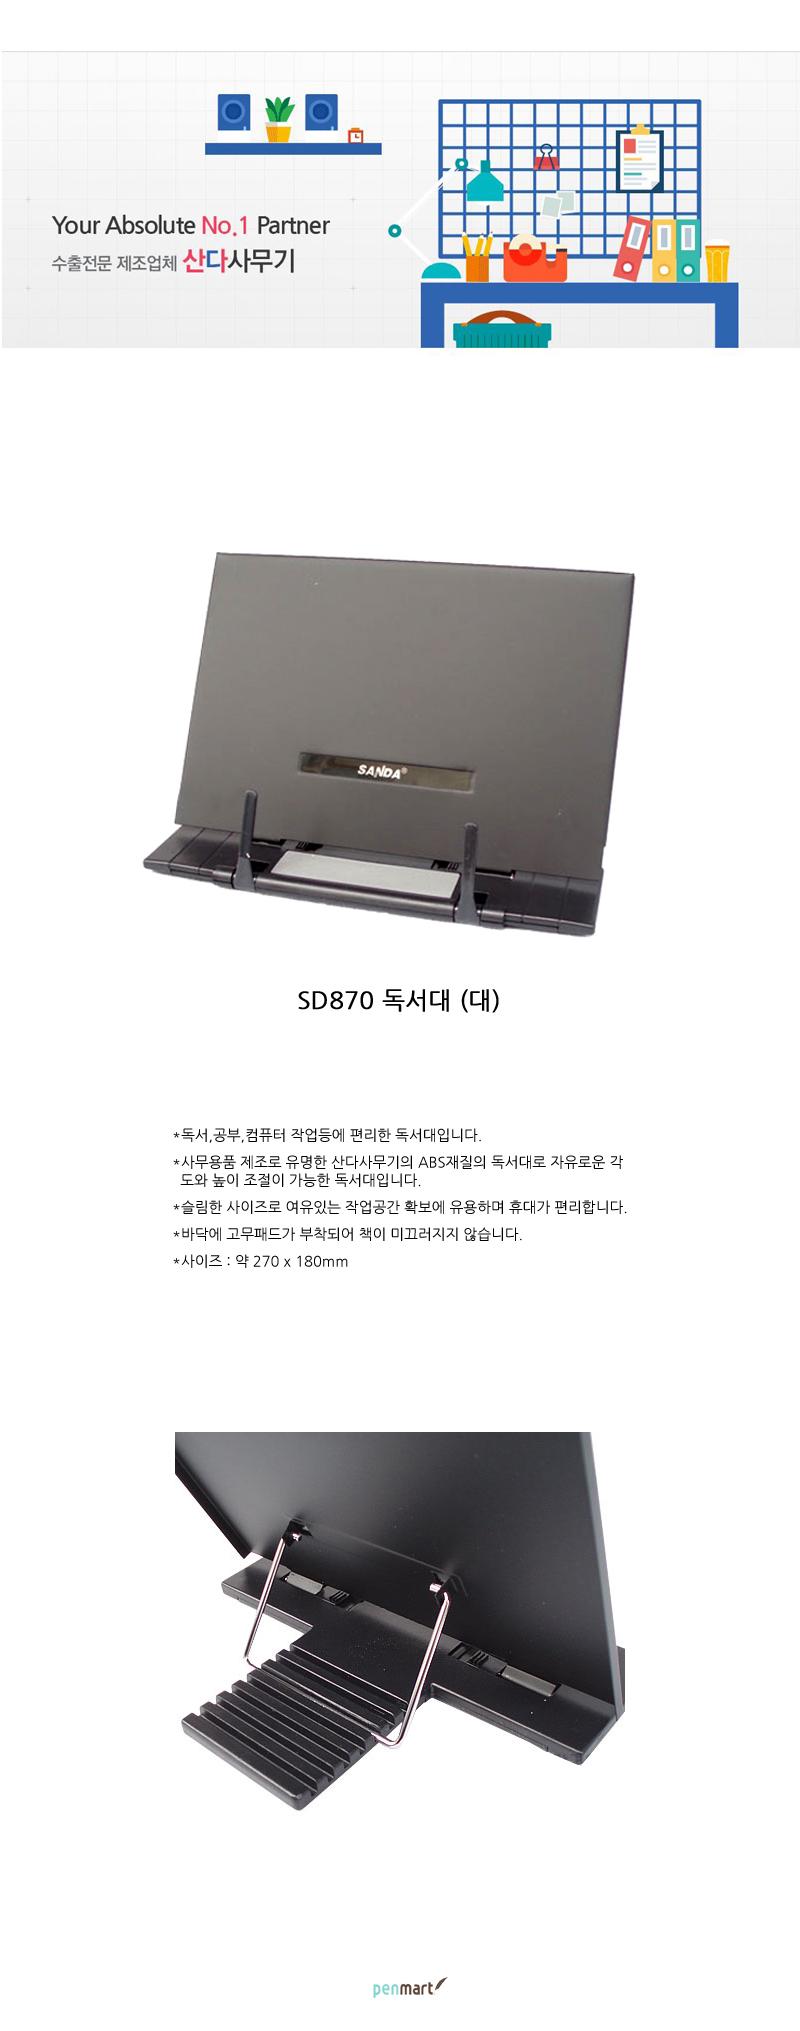 sanda 독서대 북스탠드 (SD-870 대) - 펜마트, 13,700원, 독서용품, 독서대